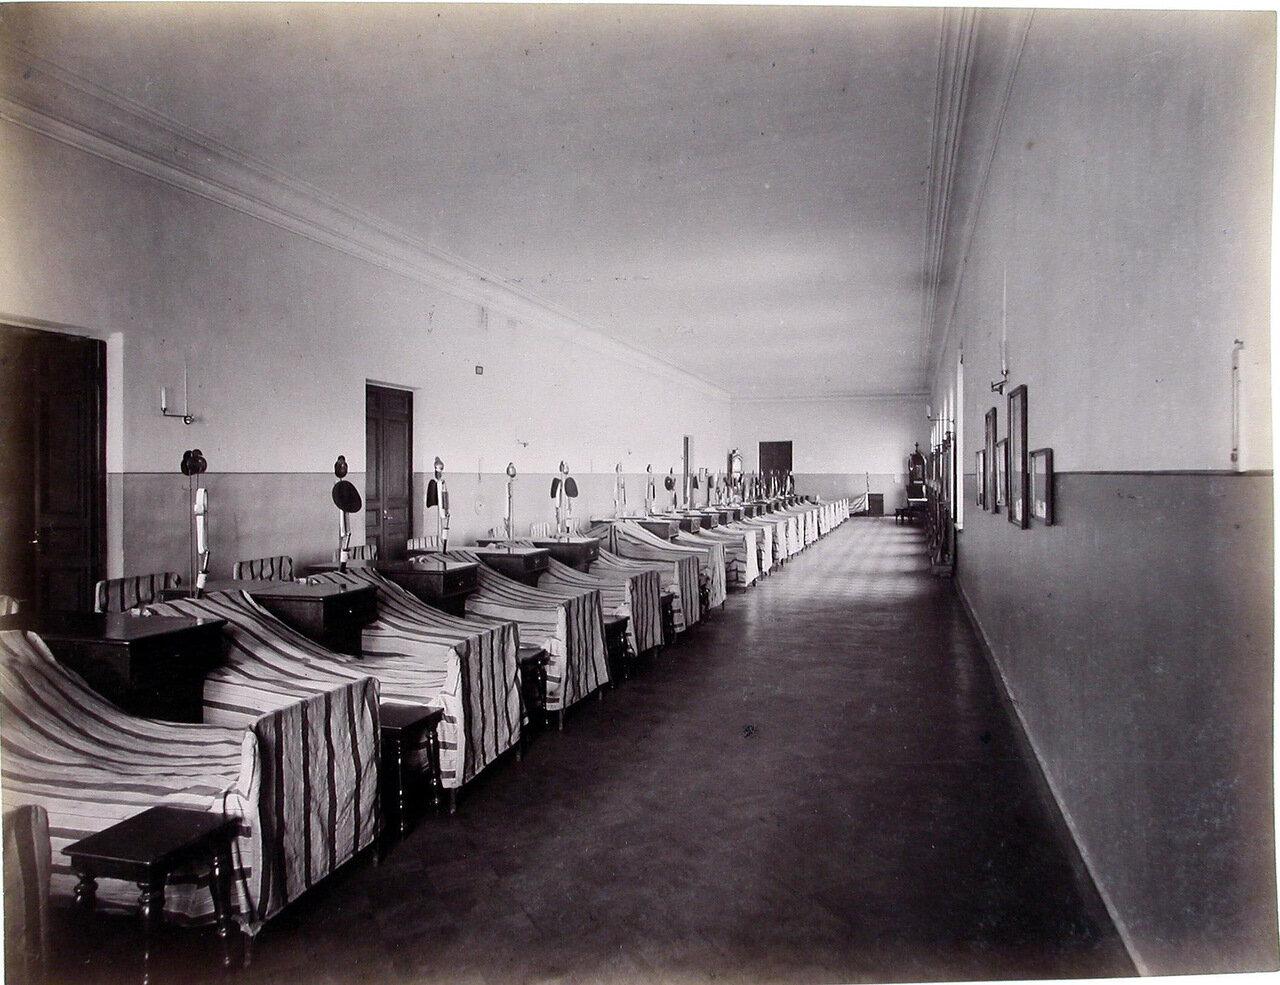 18. Вид спальни (дортуара) пажей - воспитанников корпуса